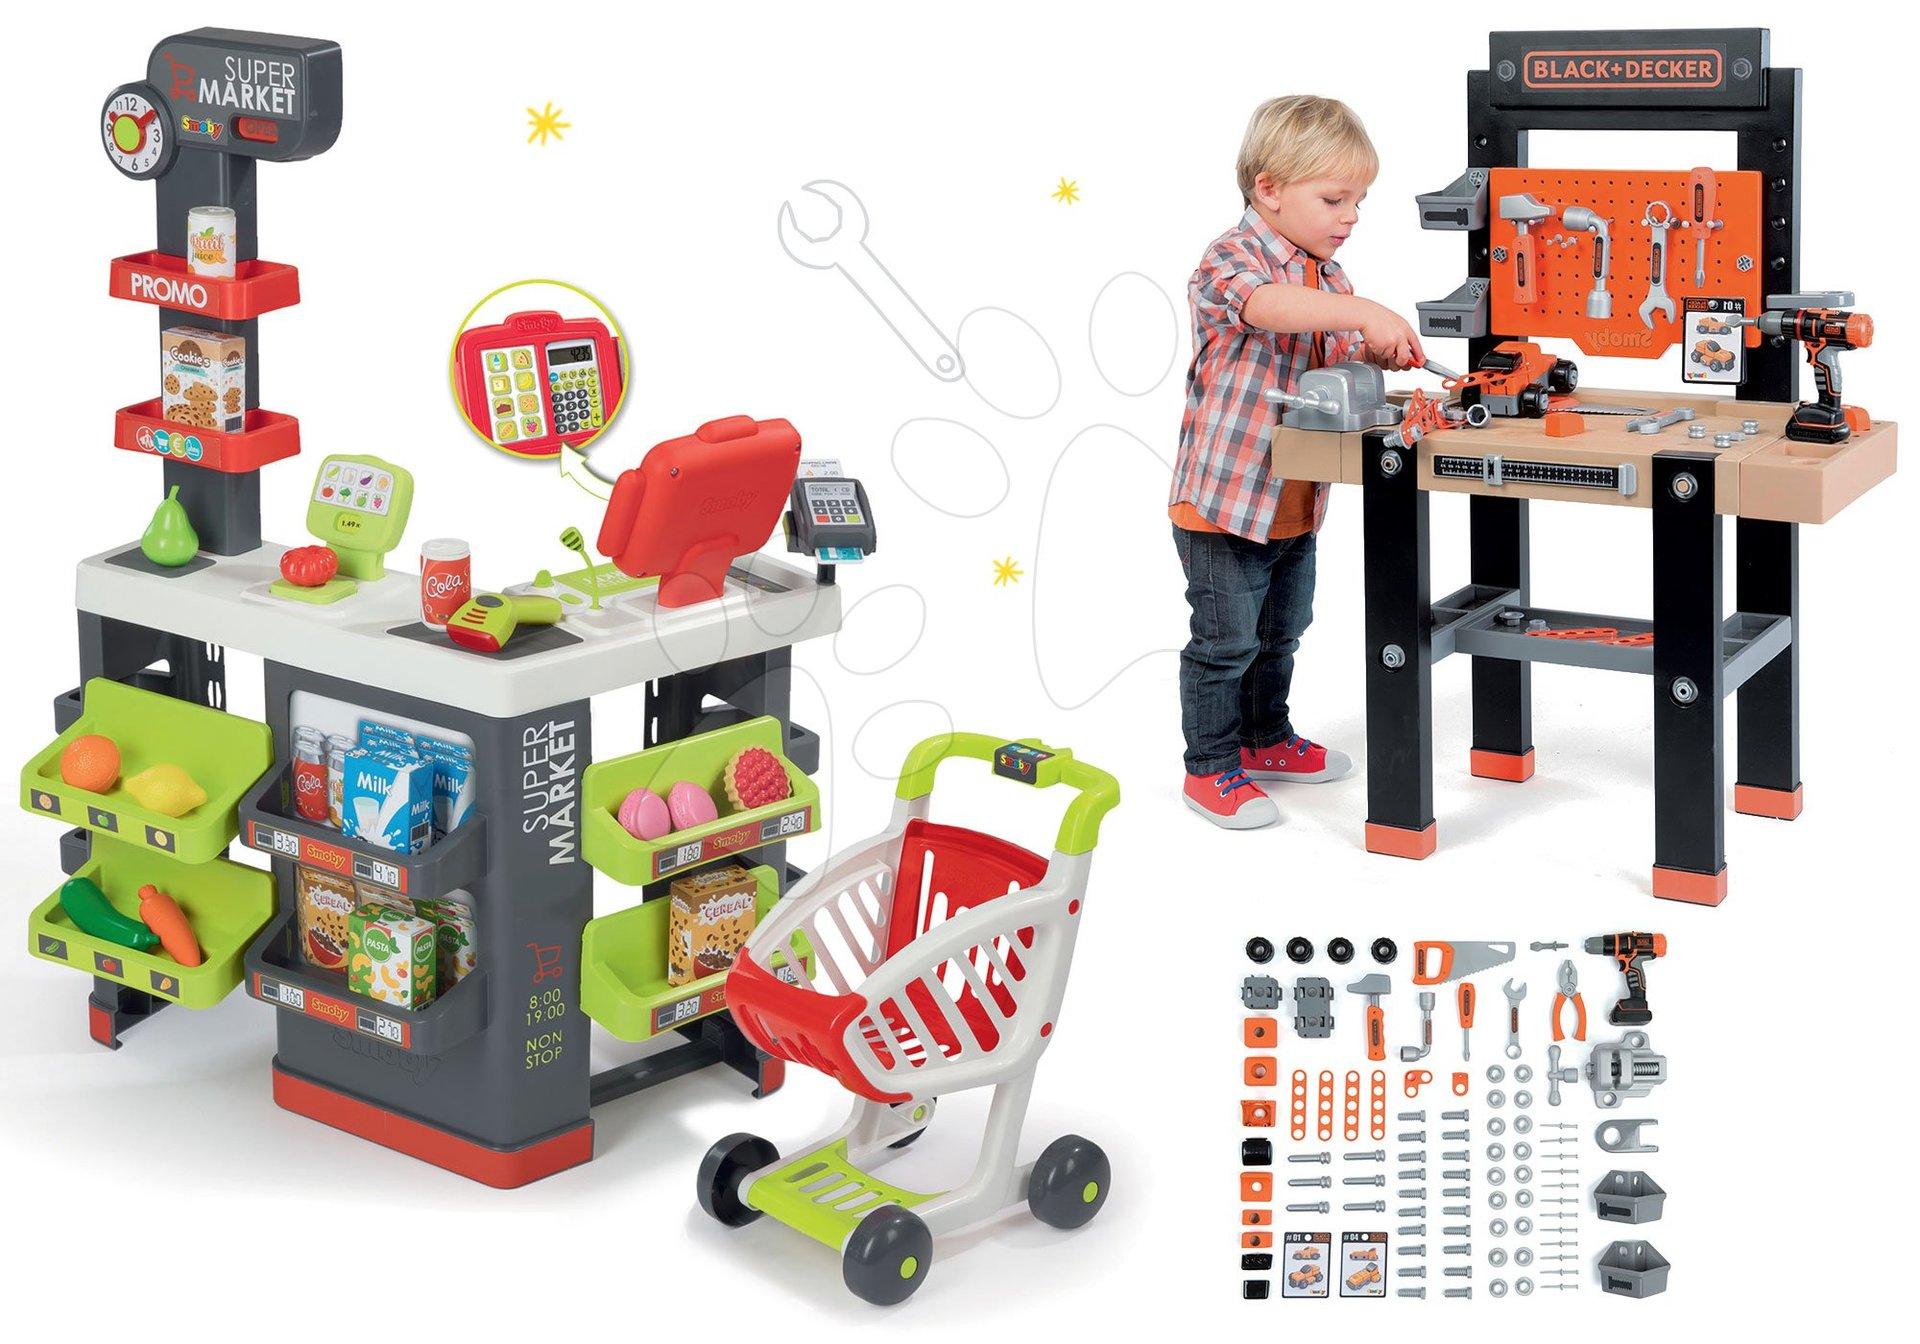 Smoby set obchod s vozíkom Supermarket a pracovná dielňa Black+Decker s vŕtačkou 350213-11